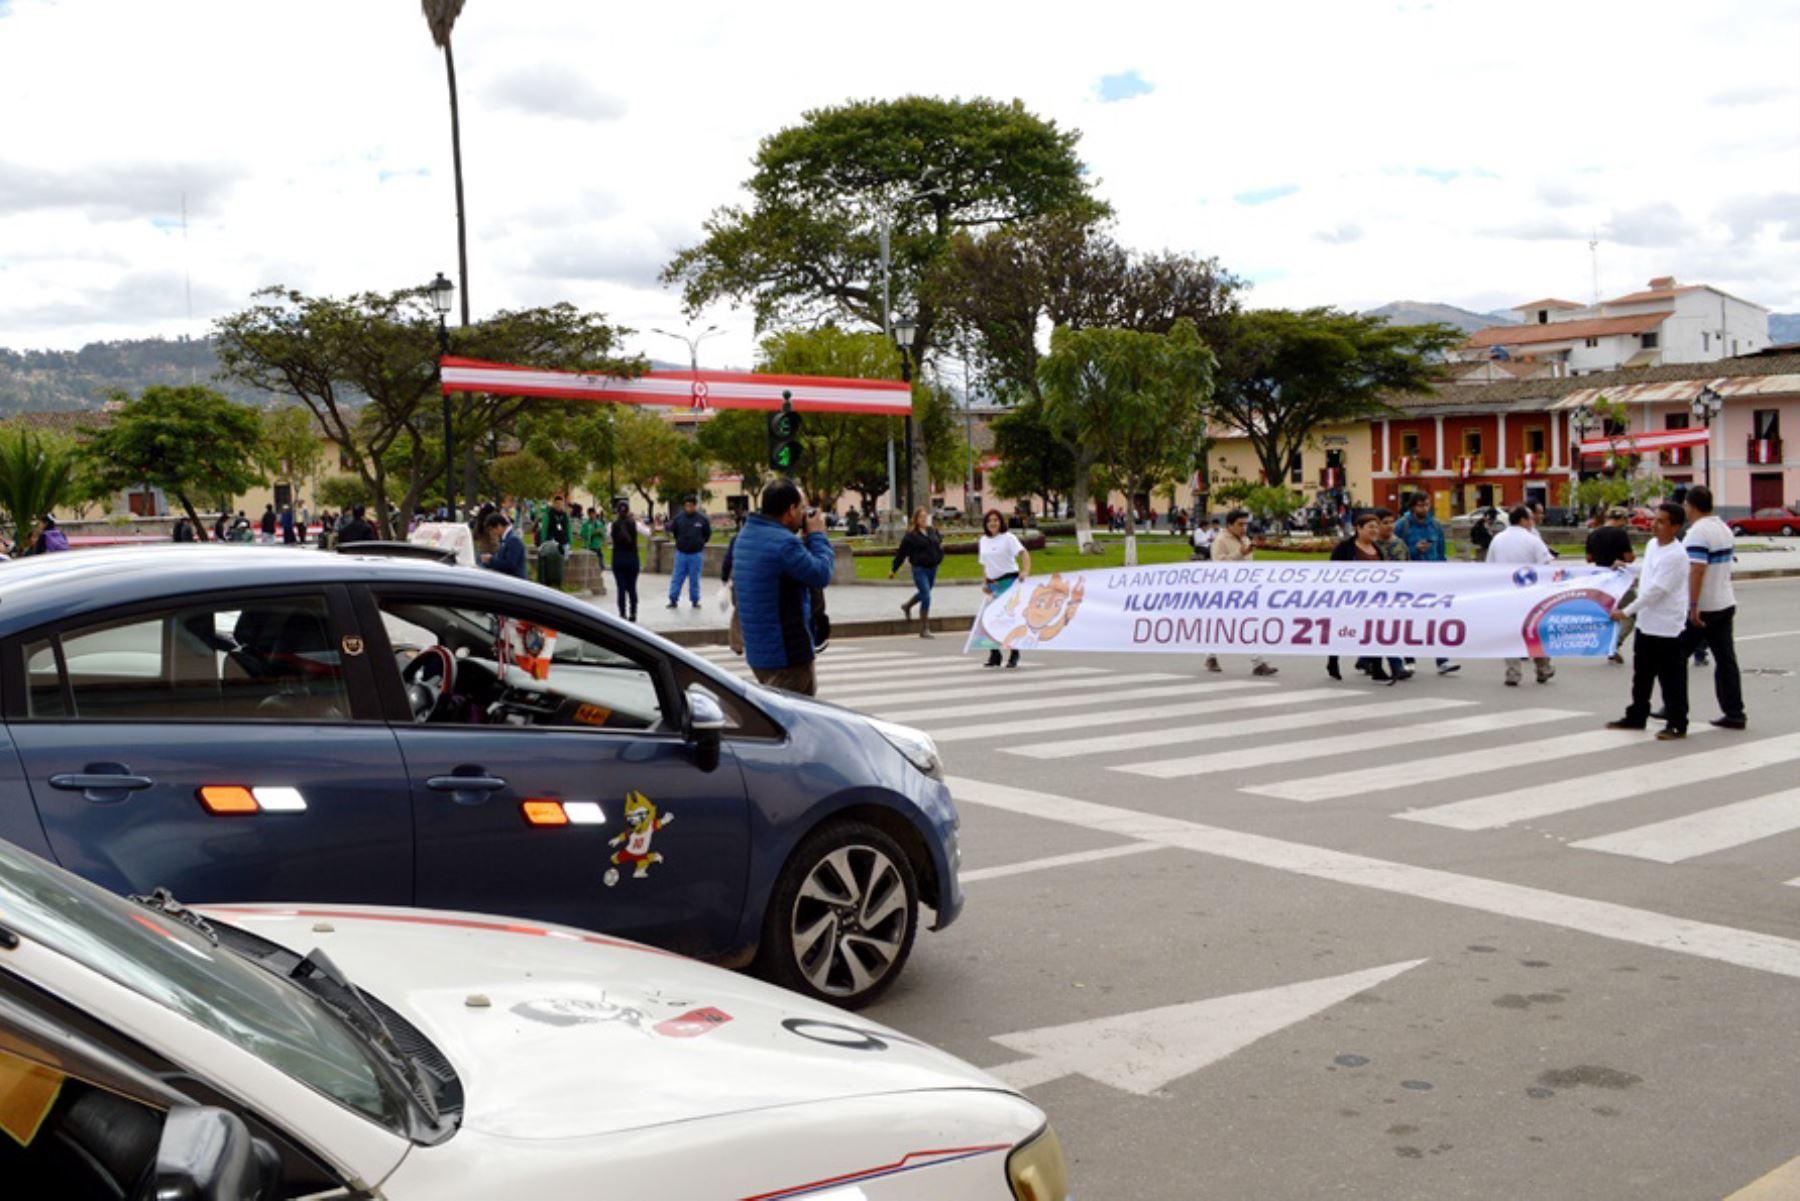 Cajamarca se dispone a recibir Antorcha Panamericana de Juegos Lima 2019. Foto: ANDINA/difusión.